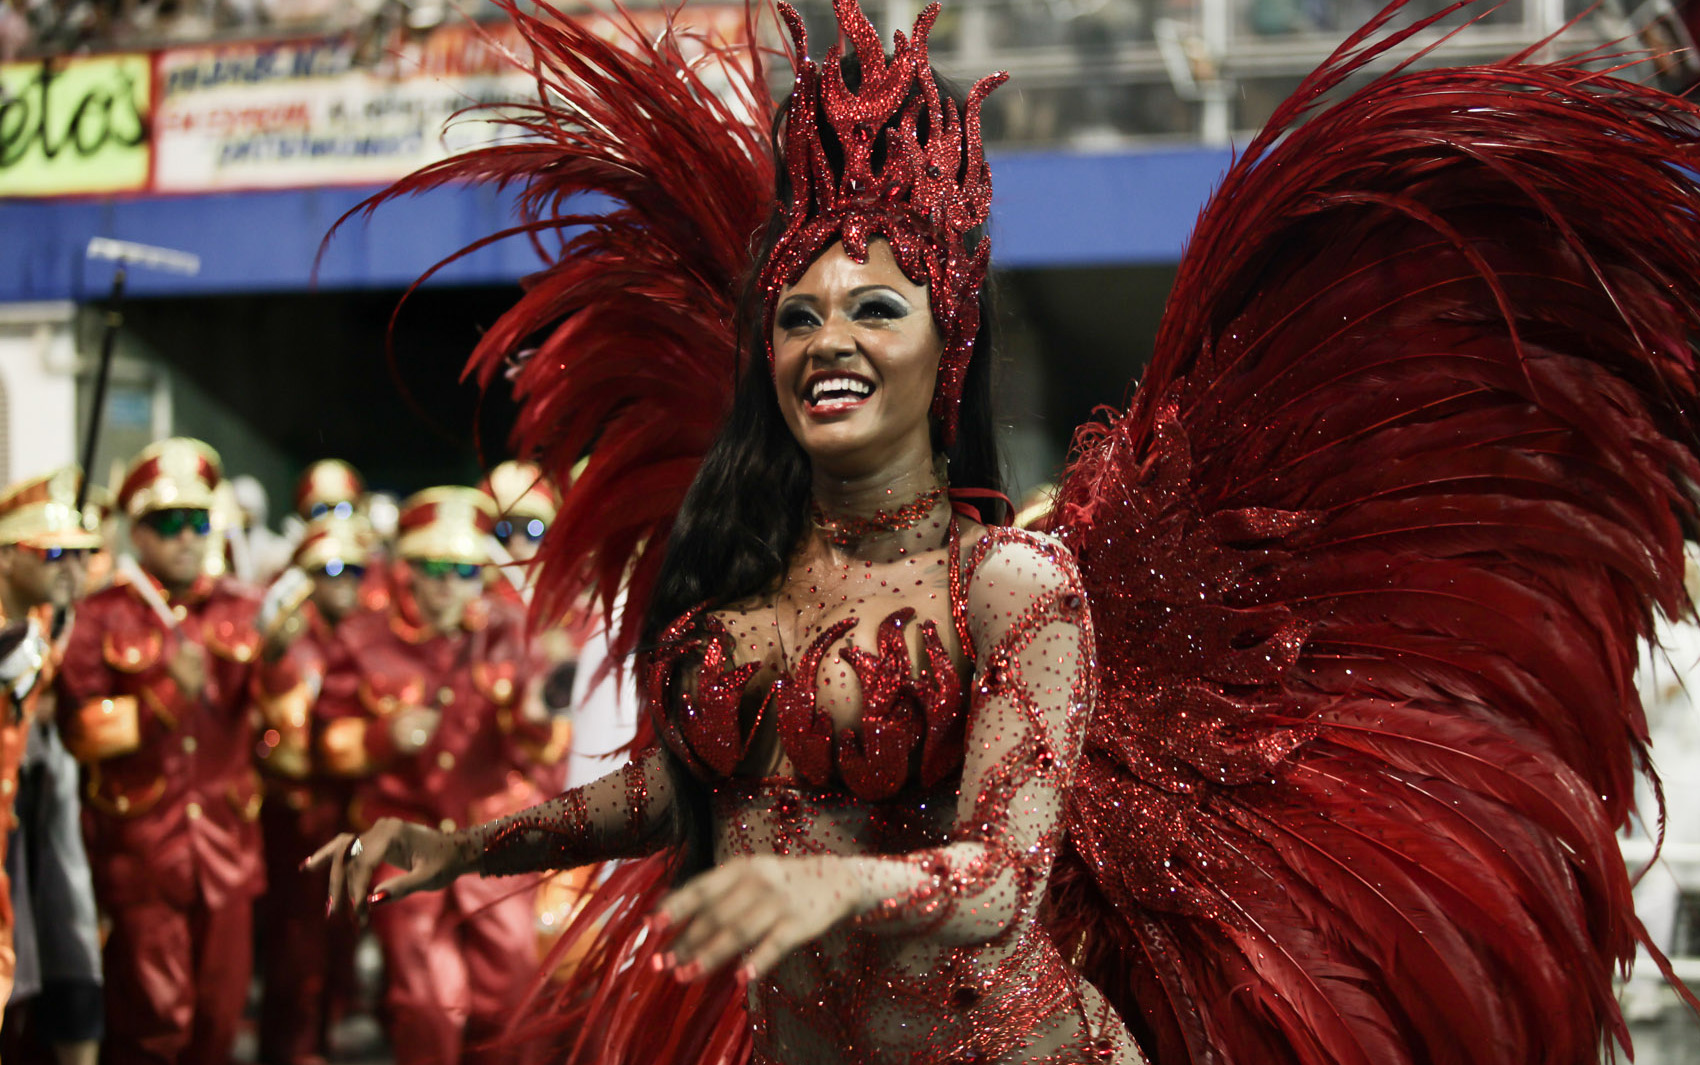 Rainha de bateria da Vai-Vai, Camila Silva mostrou muita simpatia na hora de sambar